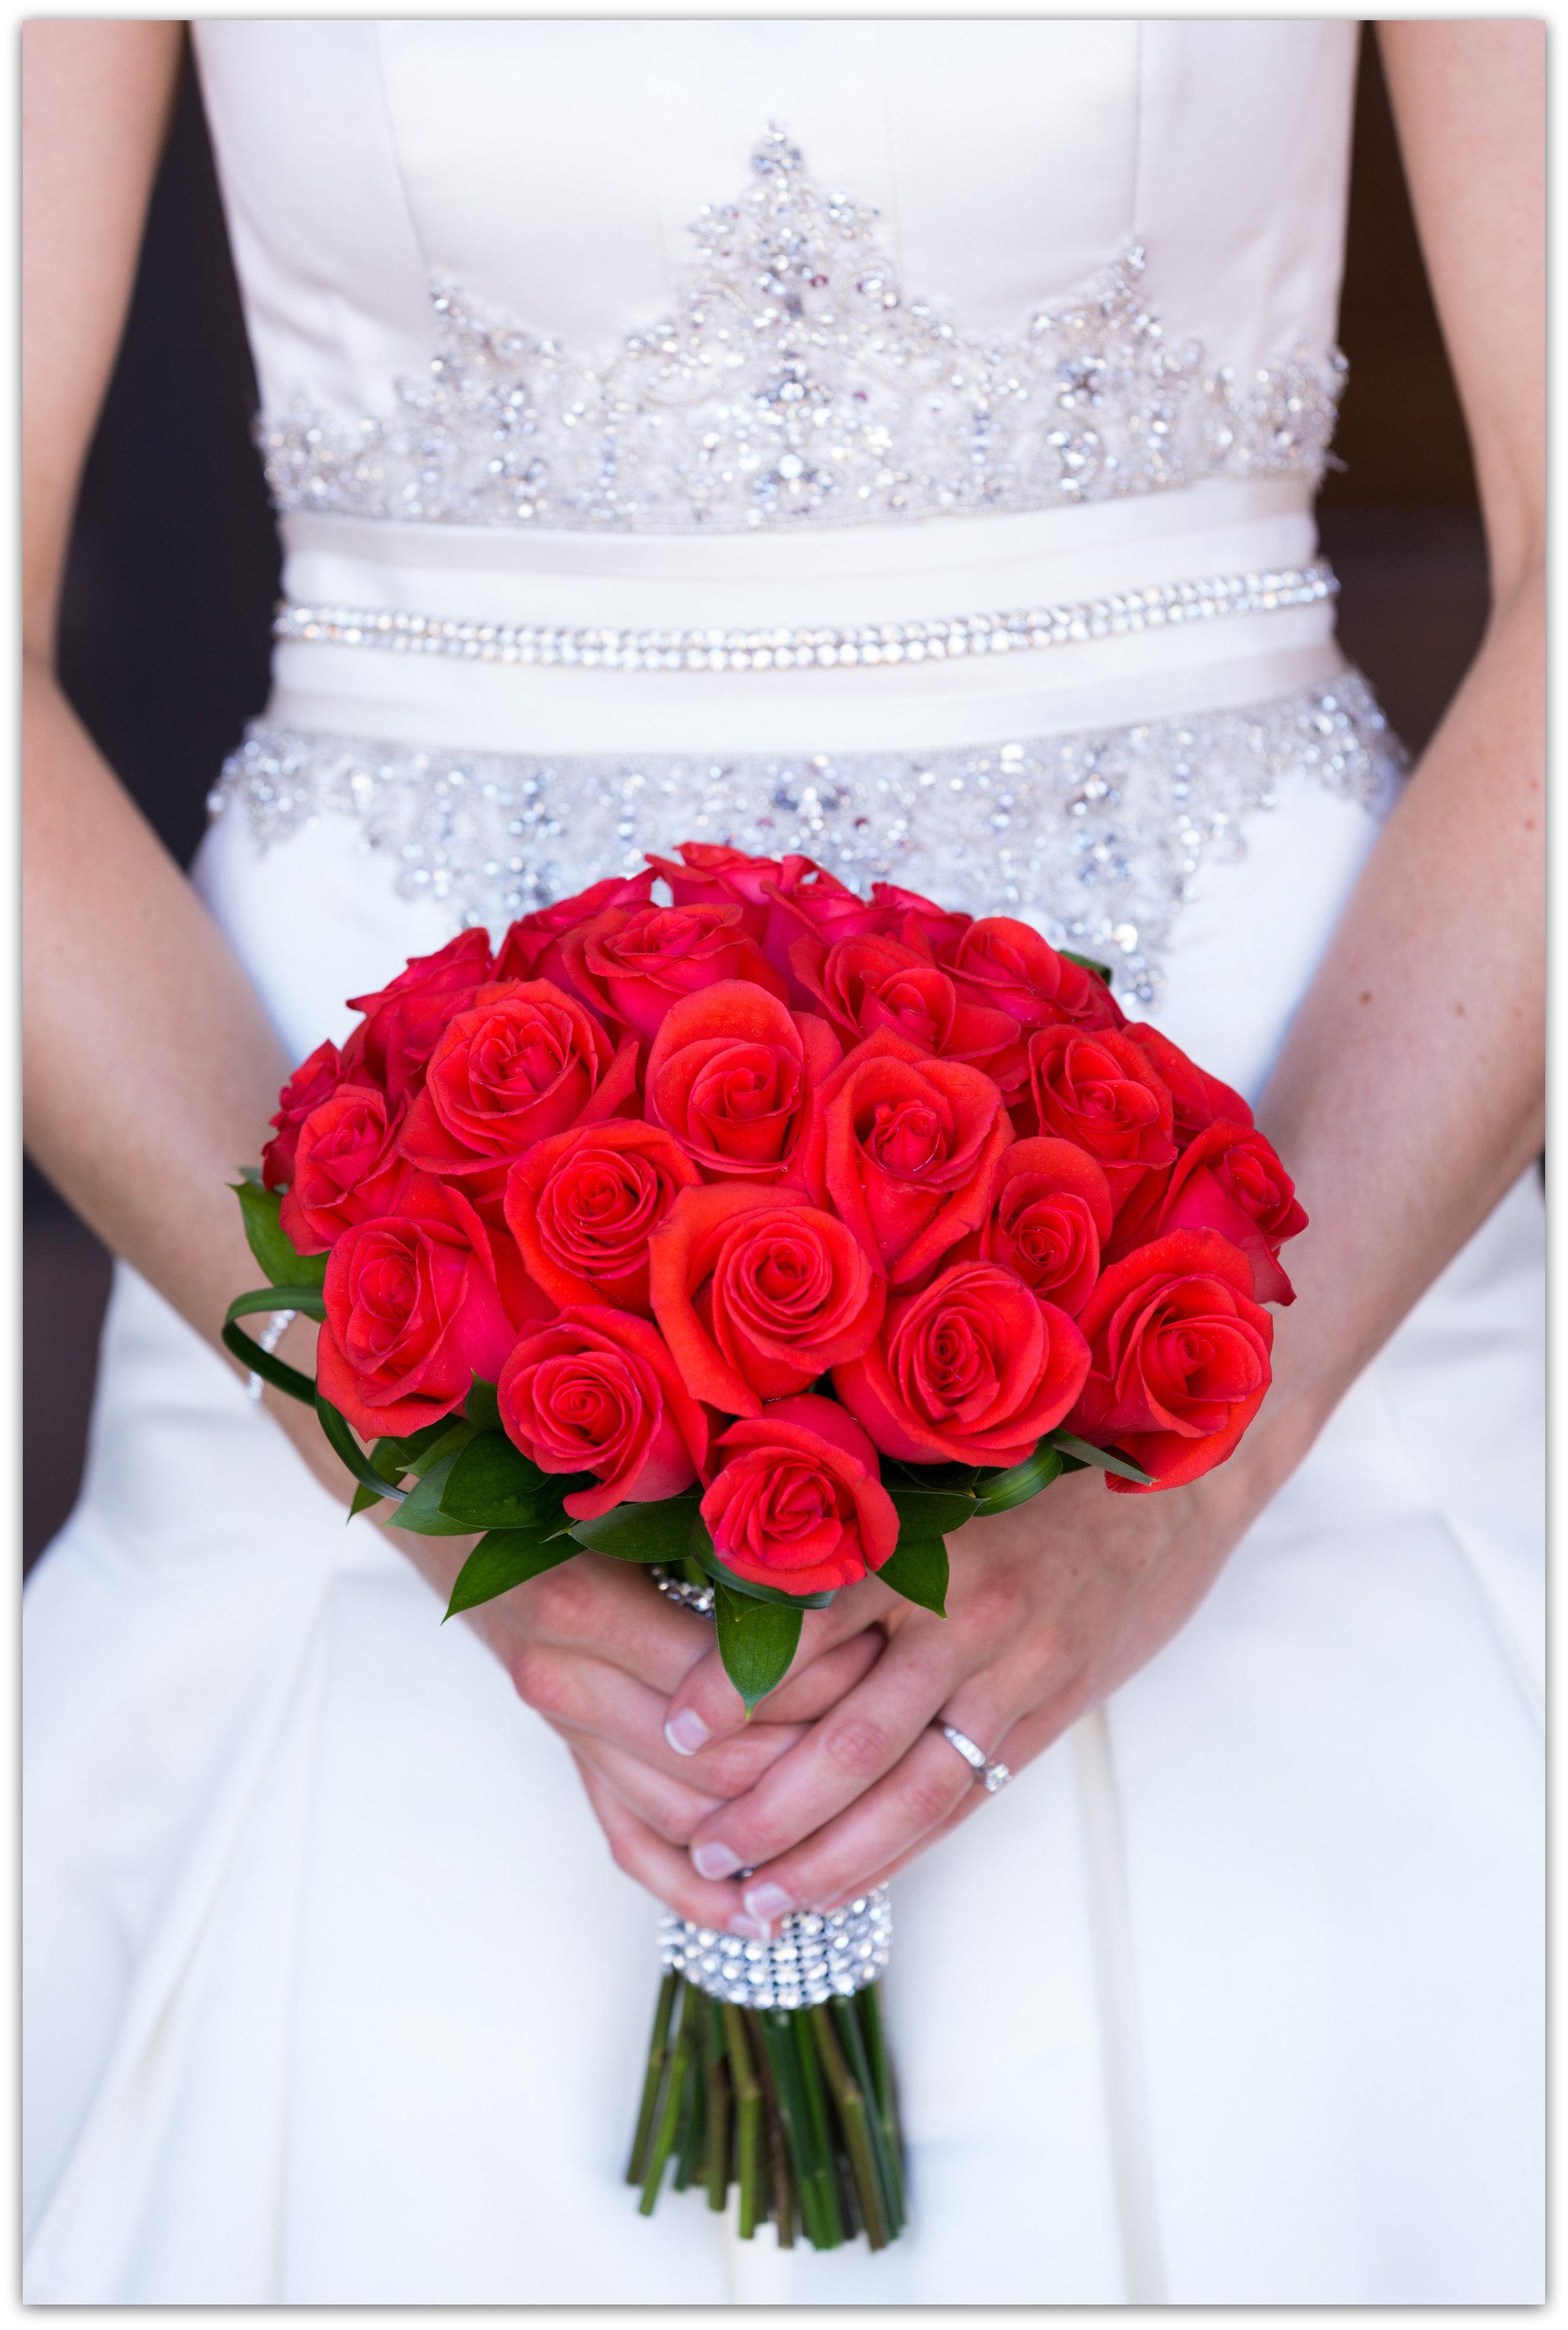 Los 18 Ramos De Novia De Rosas Mas Originales Y Romanticos Flores